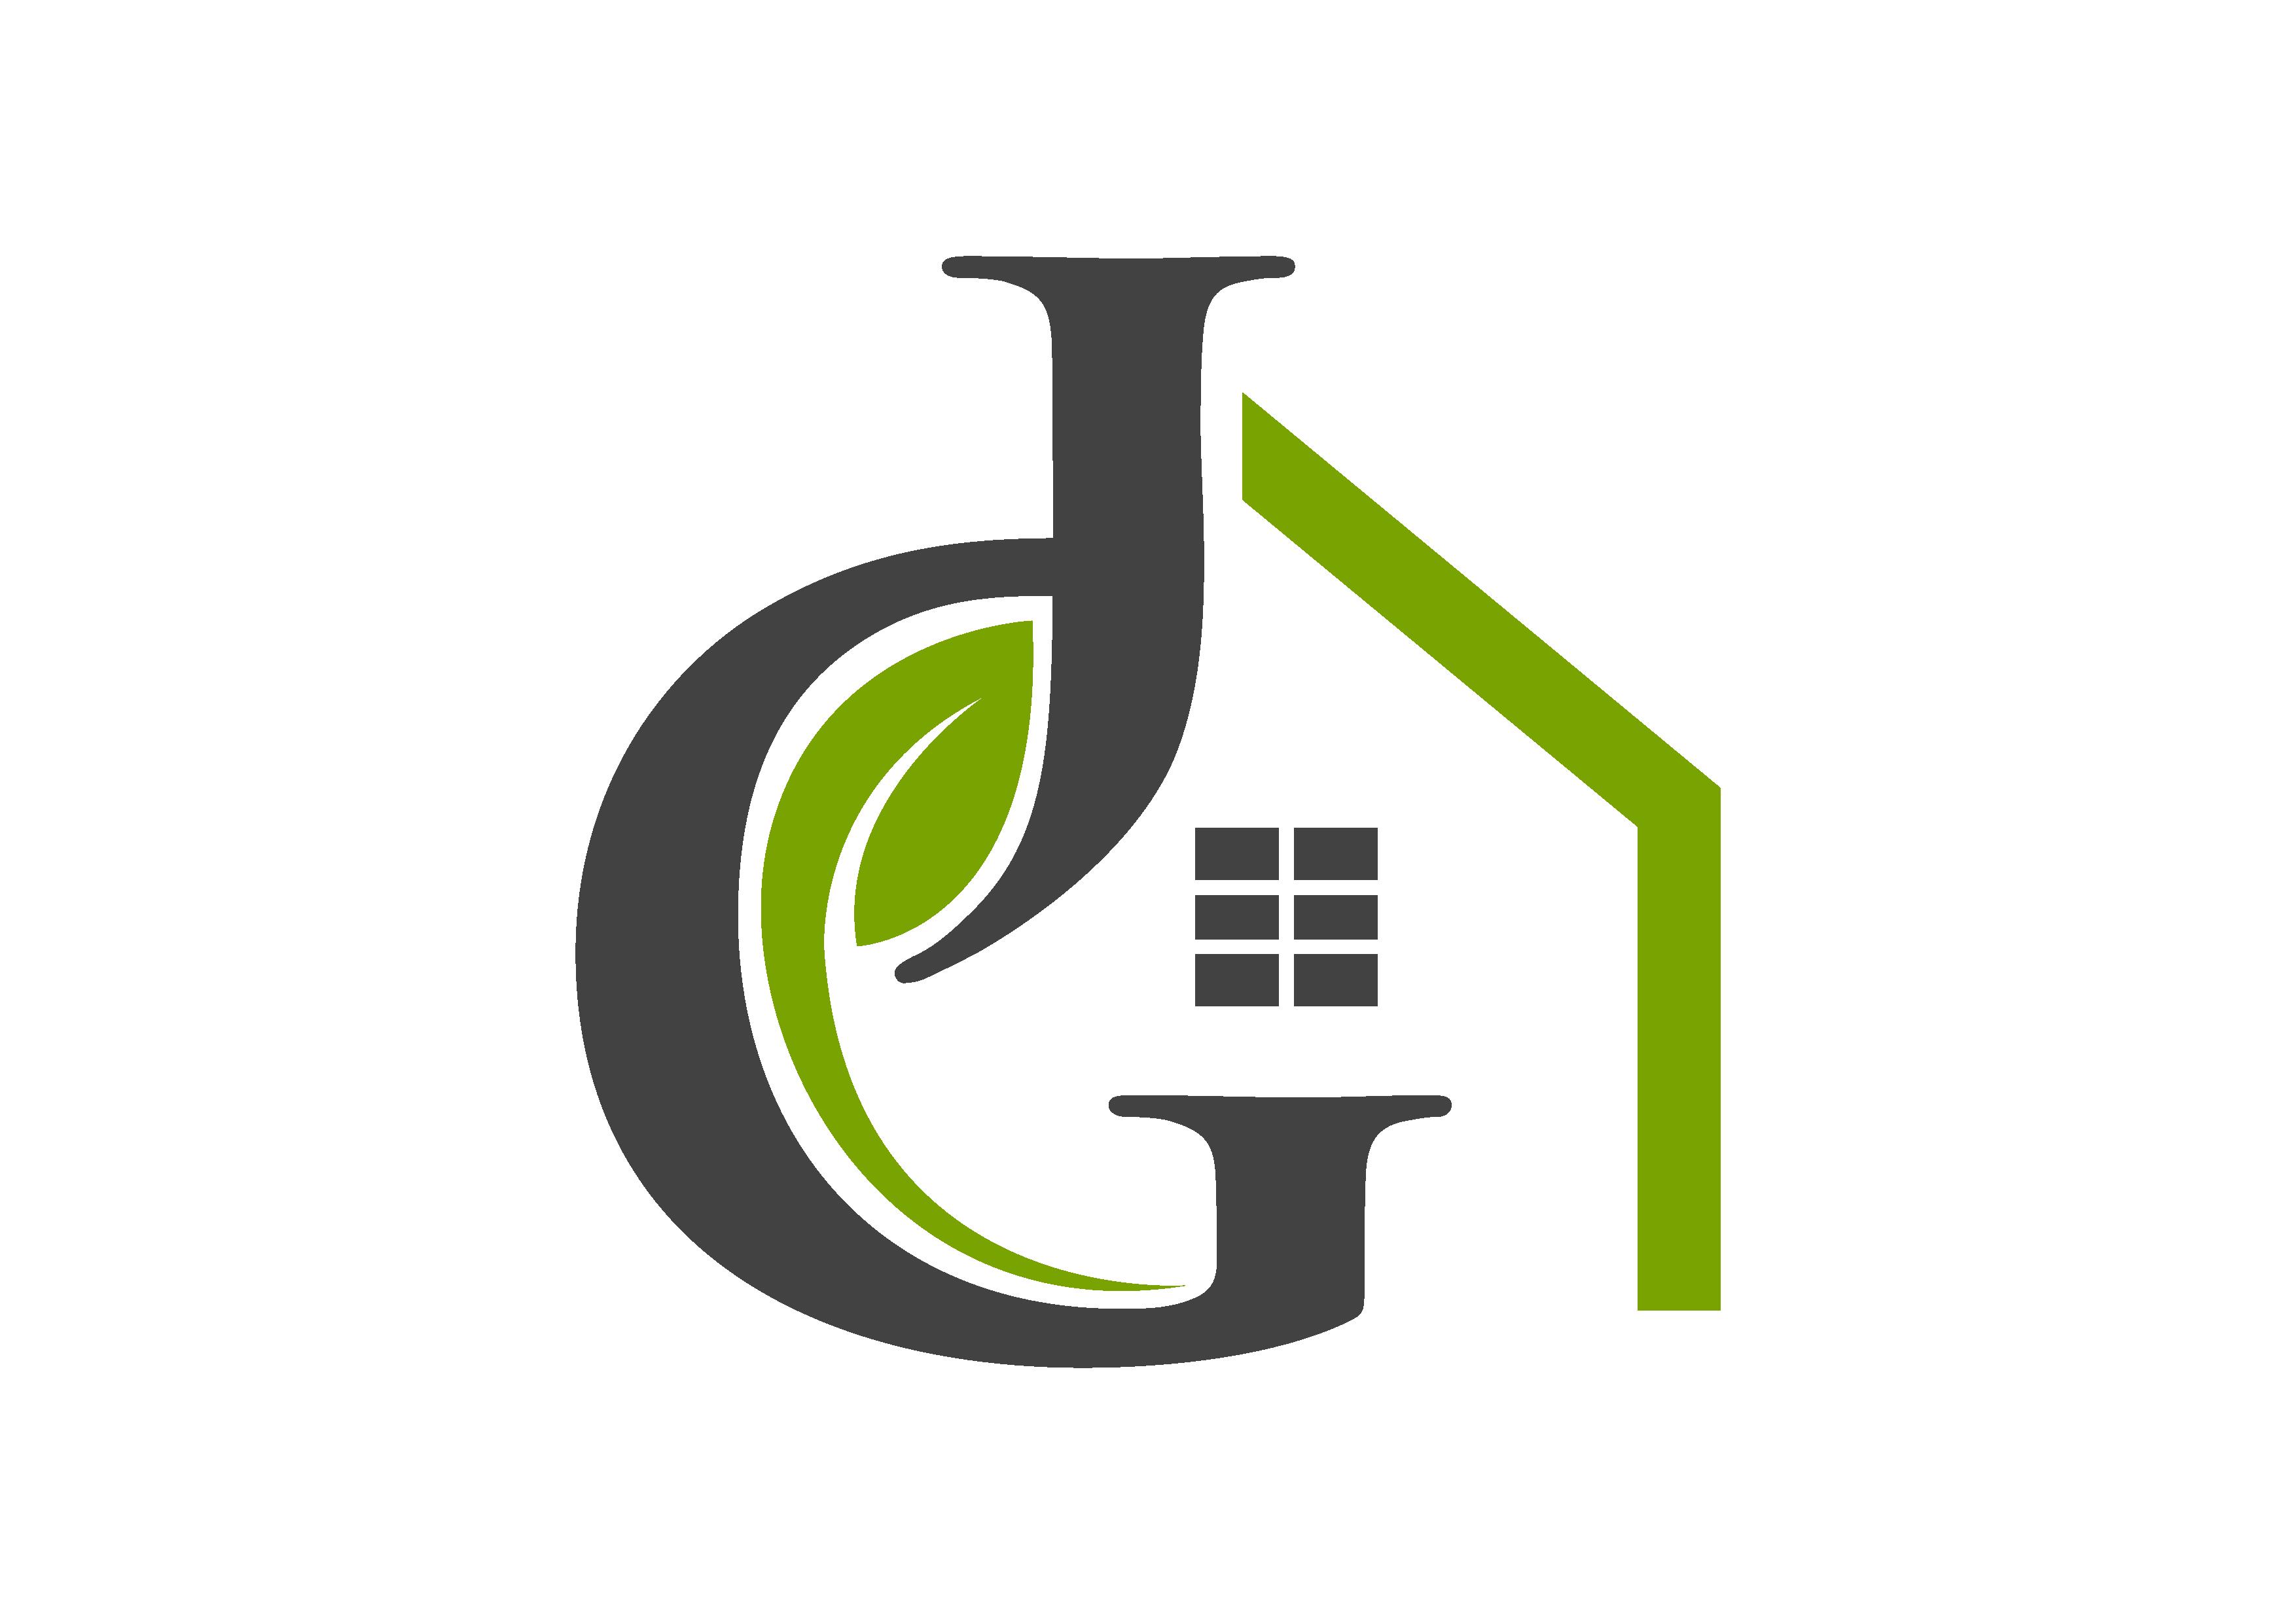 Jg Logo - Free Vector n Clip Art